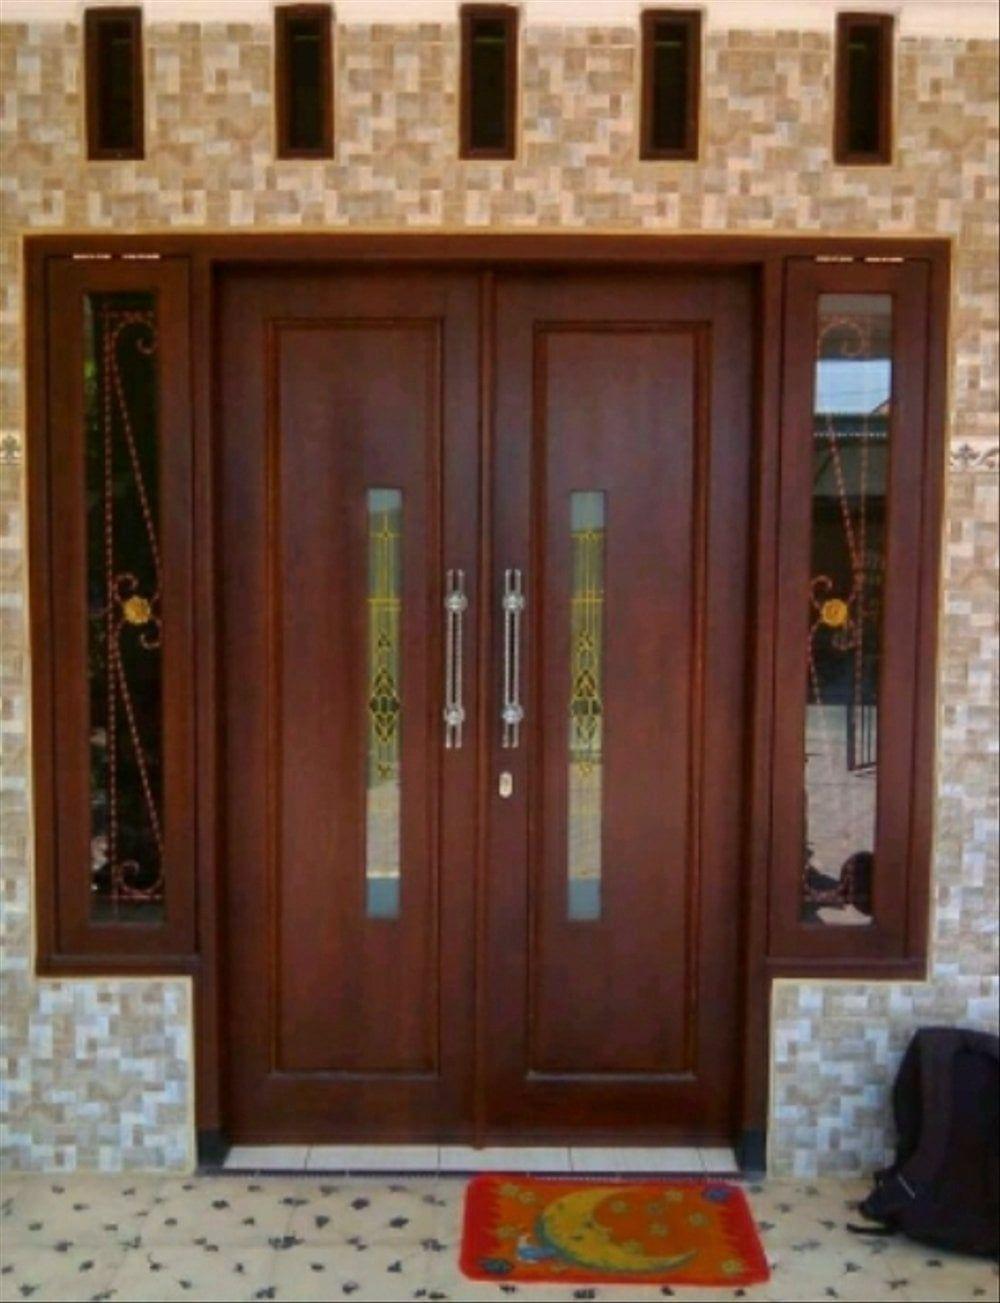 Desain Pintu Rumah Minimalis 2 Pintu 2015 Cek Bahan Bangunan Ukuran pintu kupu tarung minimalis